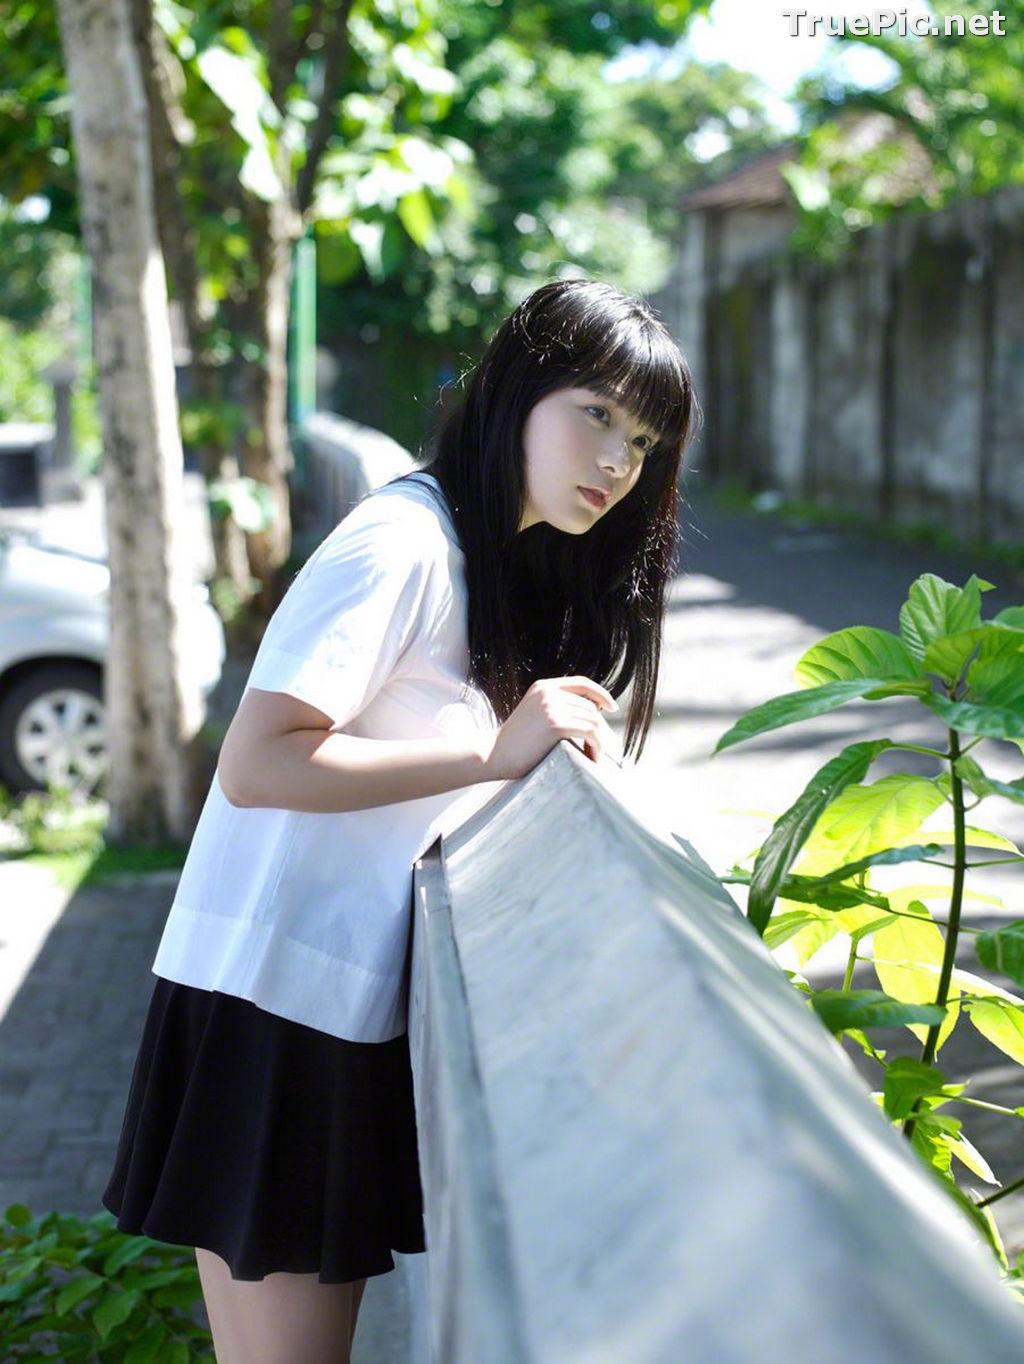 Image Wanibooks NO.121 - Japanese Gravure Idol - Mizuki Hoshina - TruePic.net - Picture-10